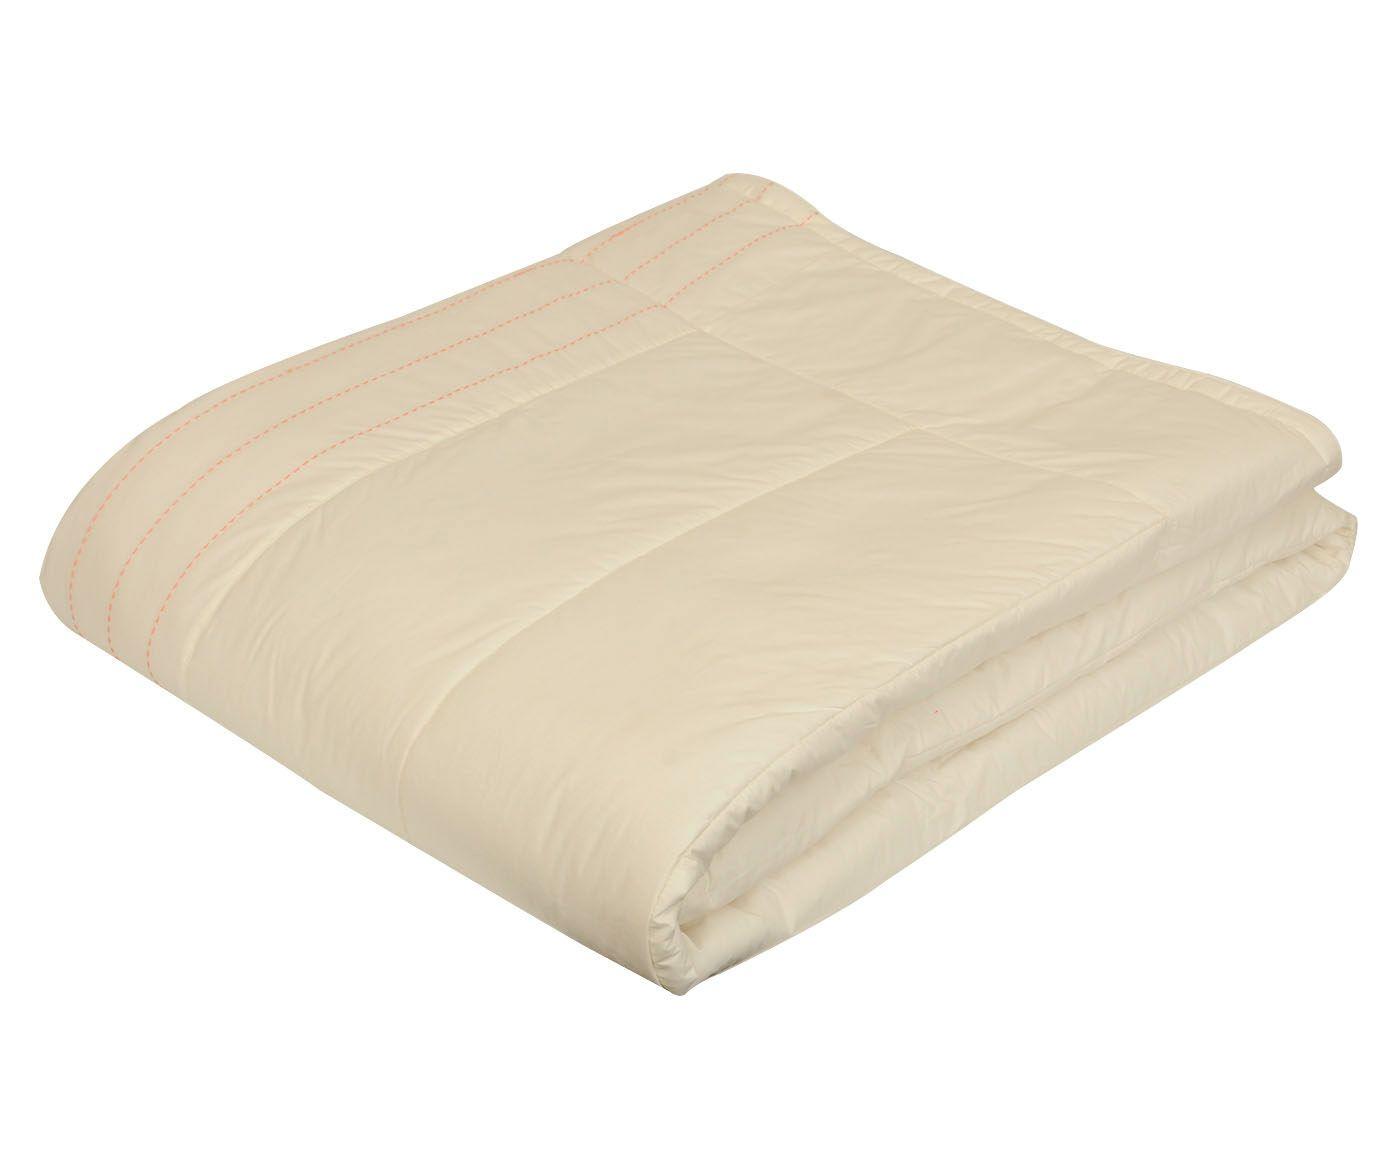 Jogo com colcha mahina para cama queen size 200 fios | Westwing.com.br